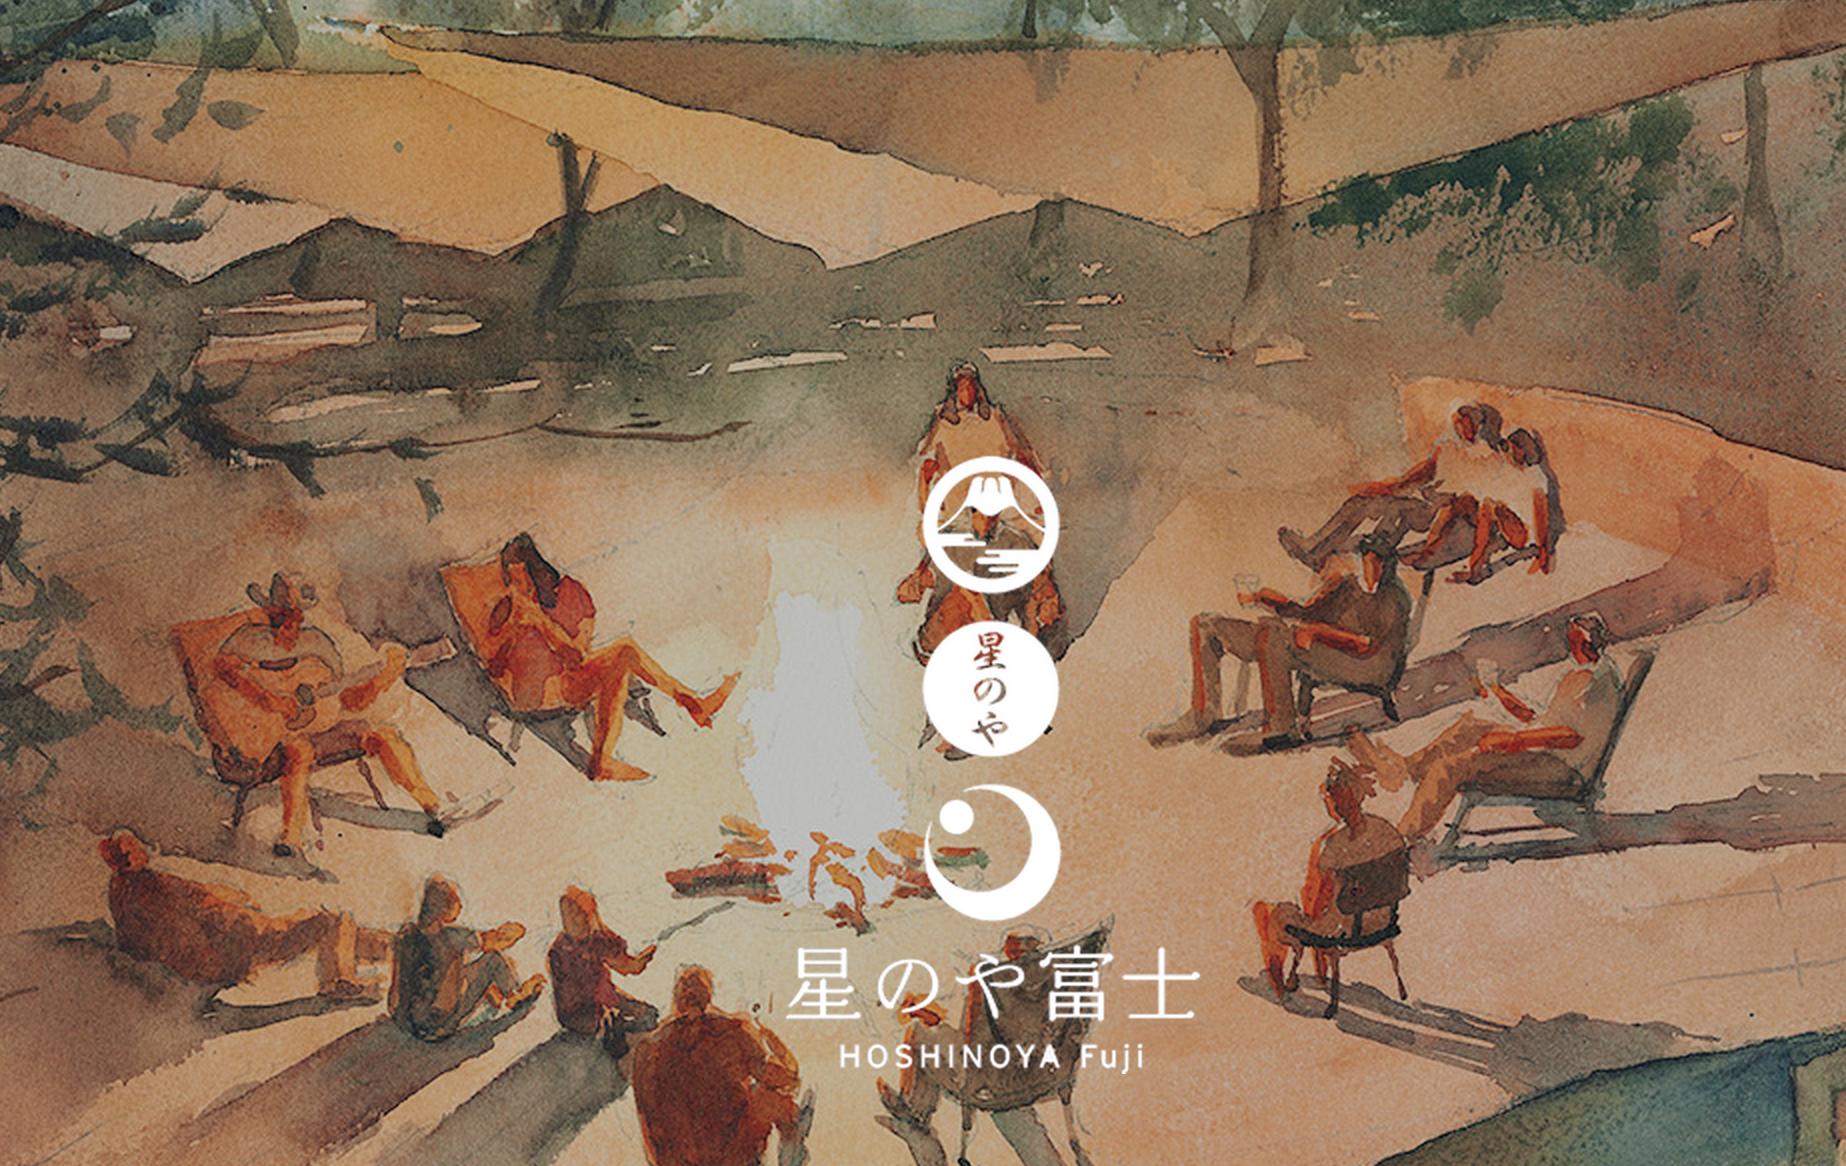 自然の魅力を再確認。日本初グランピングリゾート「星のや富士」